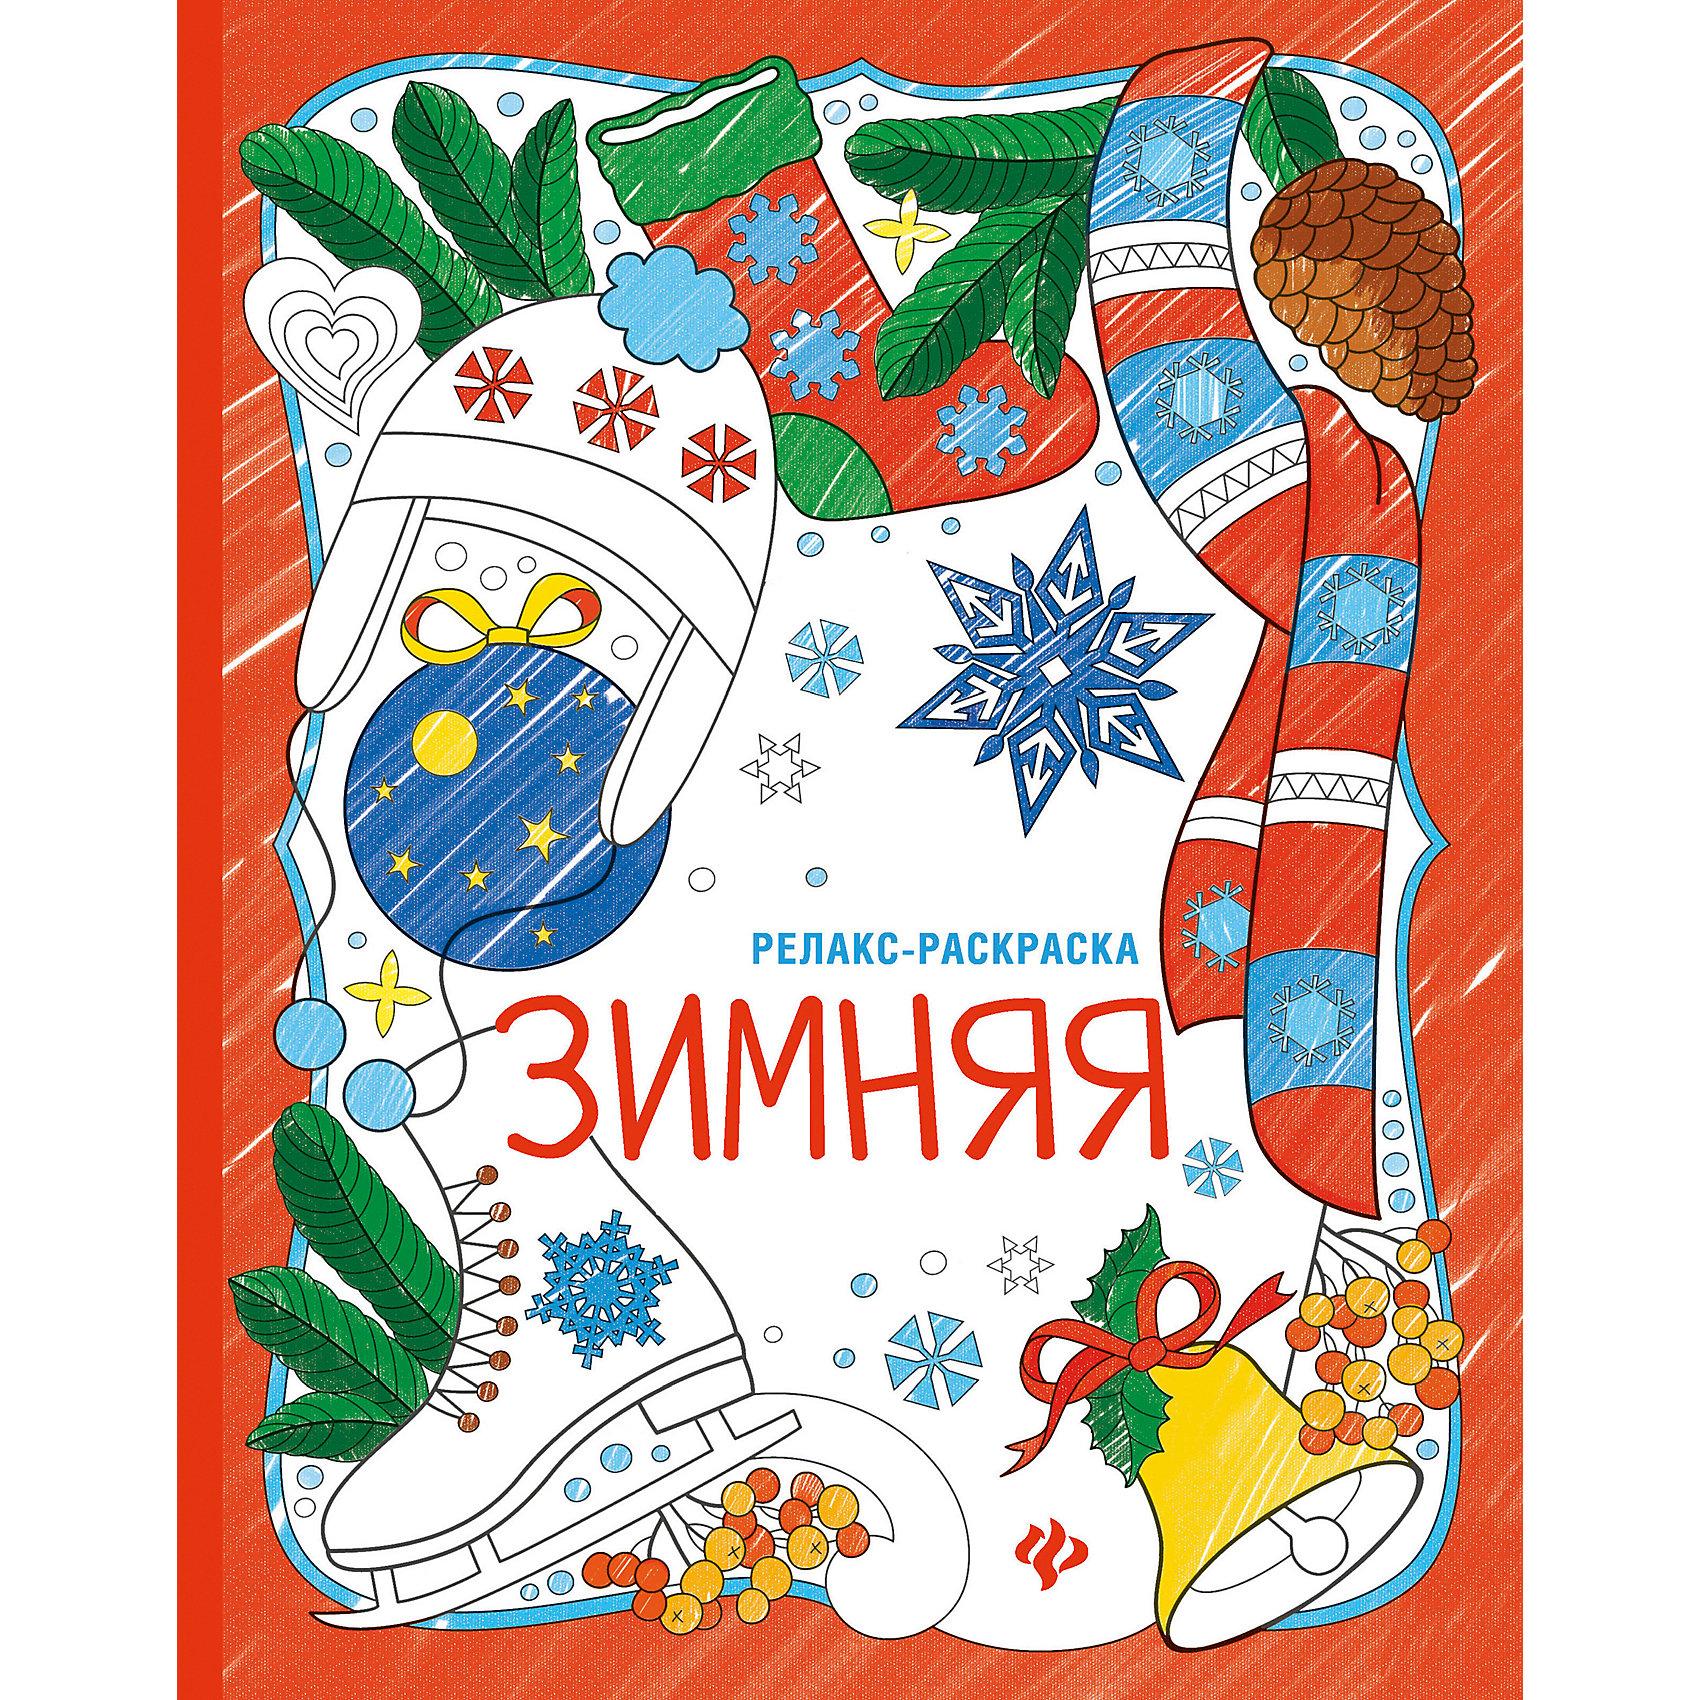 Зимняя: книжка-раскраскаНовогодние книги<br>На календаре зима? Самое время одеться потеплее, сделать глоточек ароматного какао и устроиться поудобнее за столом, взяв в руки карандаши. Самое время пофантазировать и помечтать, загадать желание и поверить в чудо. Самое время для зимней релакс-раскрас<br><br>Ширина мм: 260<br>Глубина мм: 200<br>Высота мм: 2<br>Вес г: 60<br>Возраст от месяцев: 12<br>Возраст до месяцев: 72<br>Пол: Унисекс<br>Возраст: Детский<br>SKU: 5120165